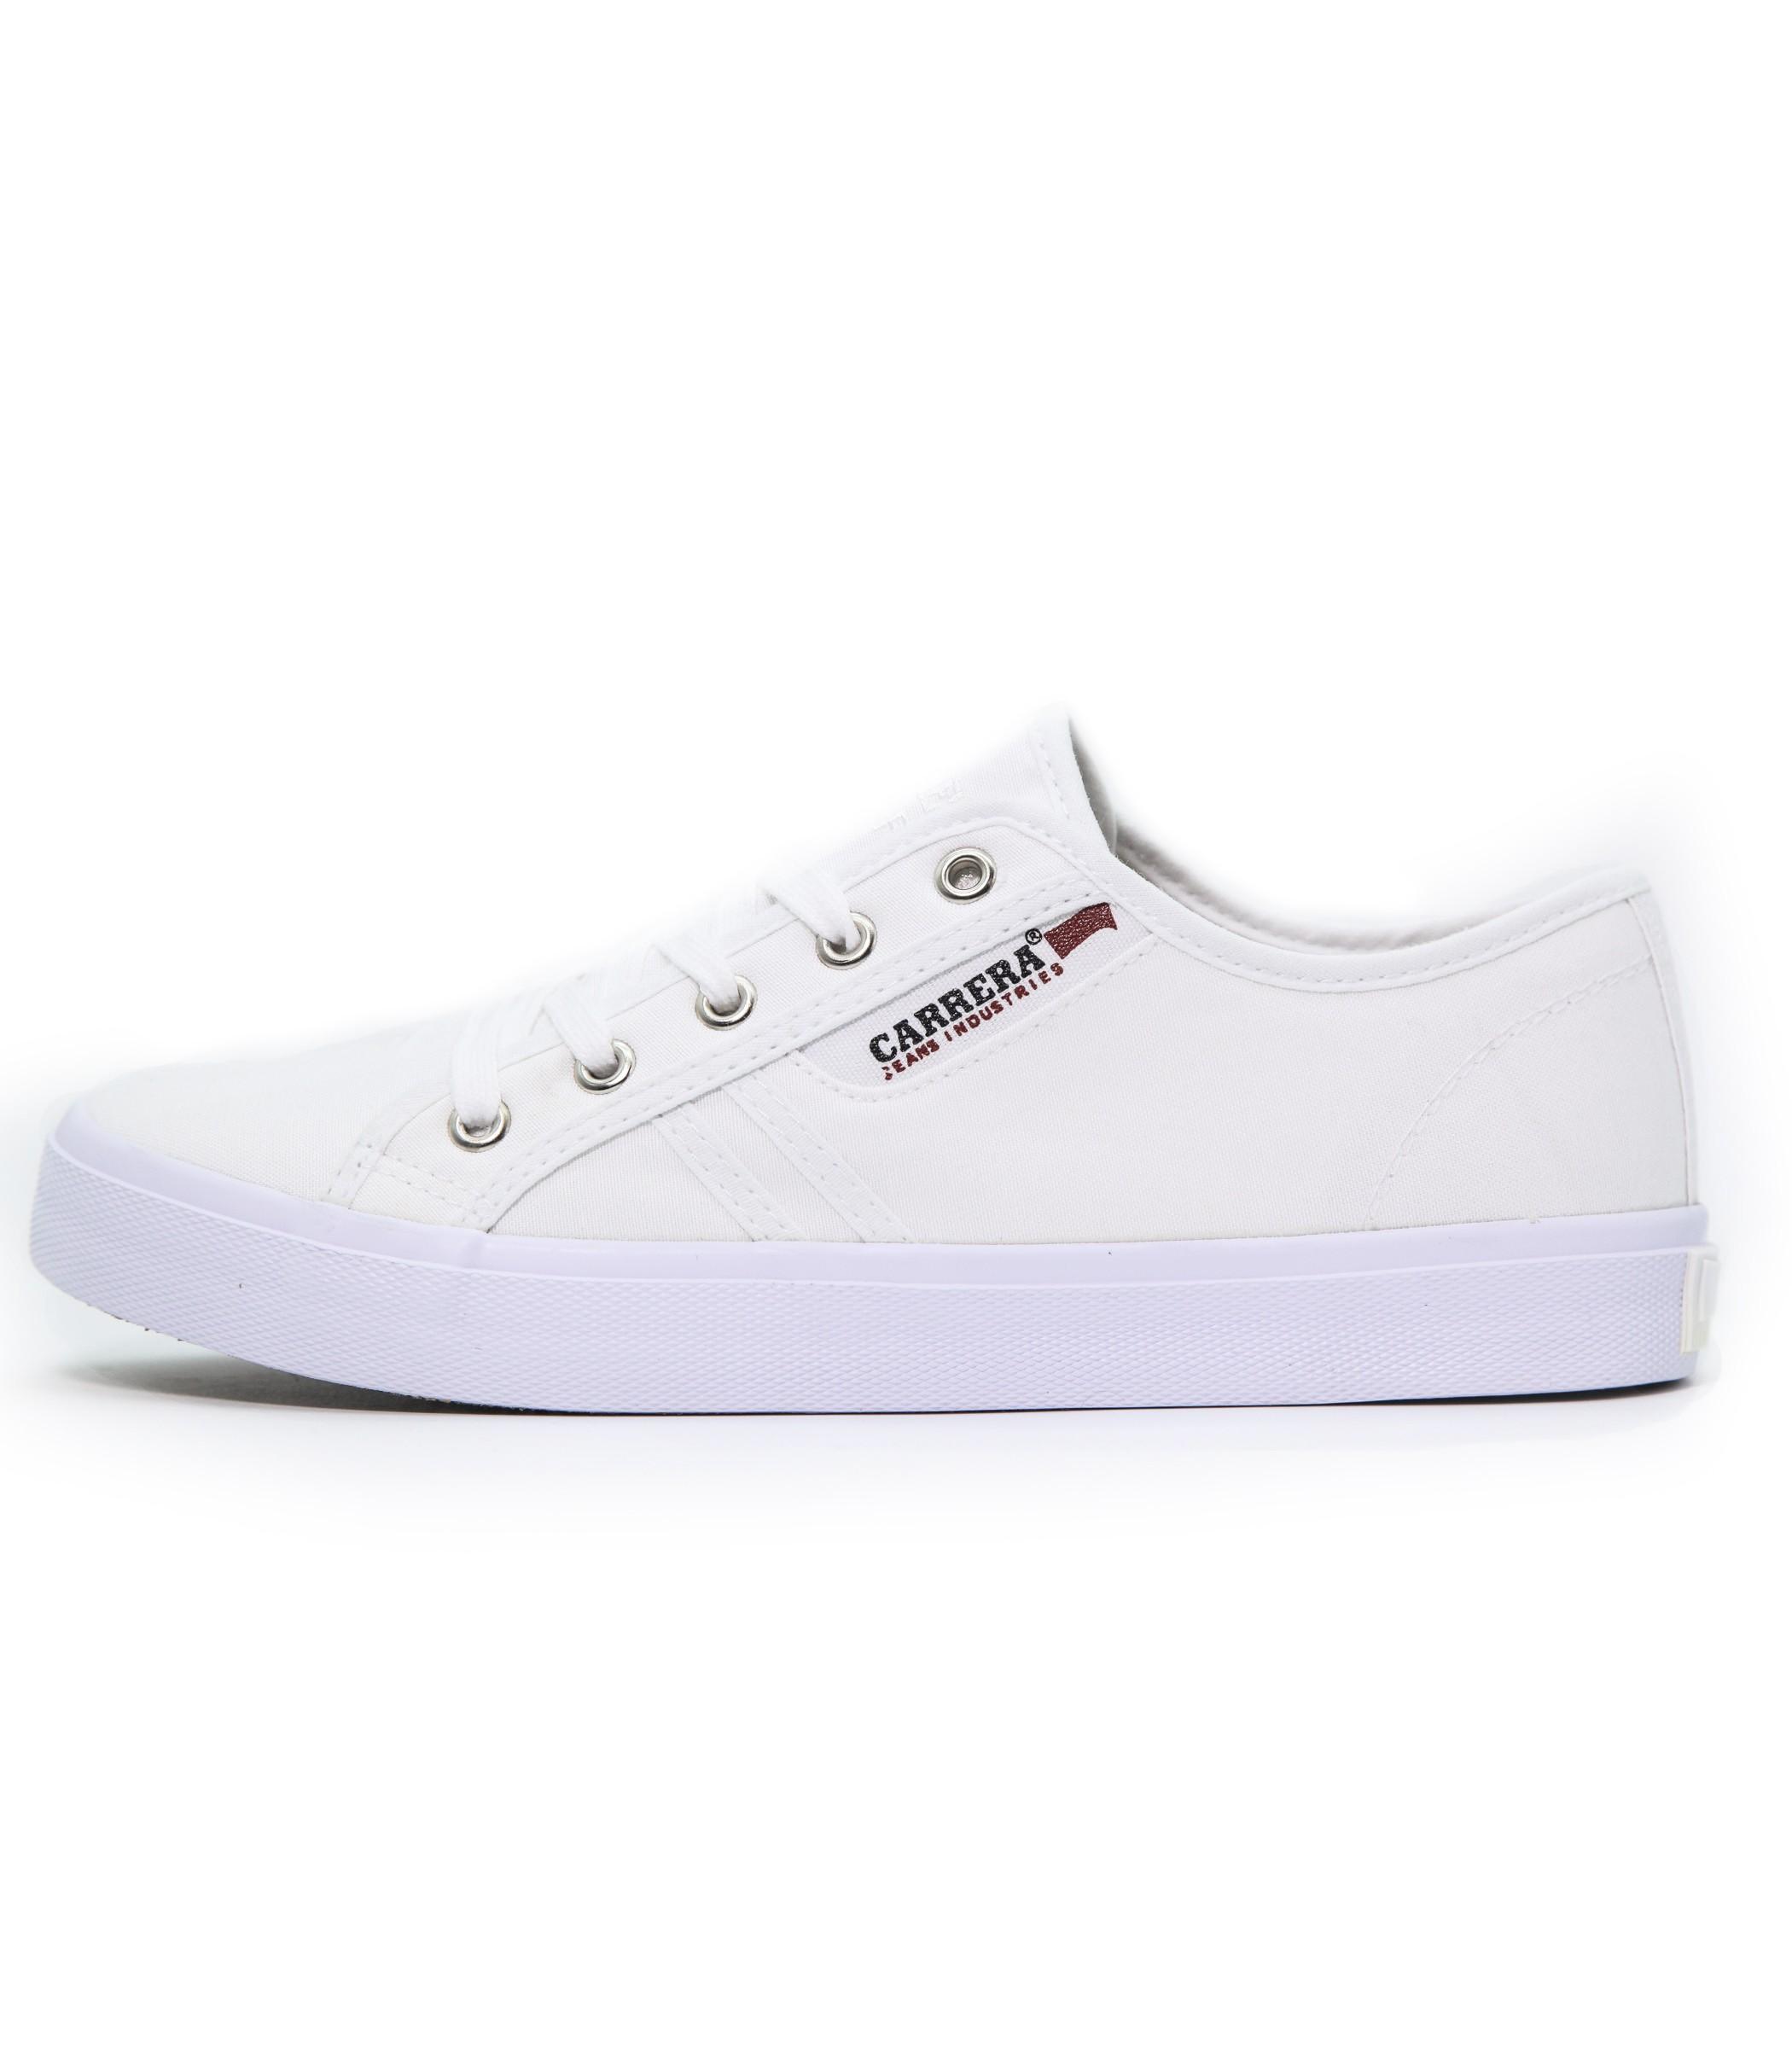 898ac41e32788 Tela Bianca Scarpe Sneakers Basse Ginnastica In Carrera Donna Da nBqB7Yfw